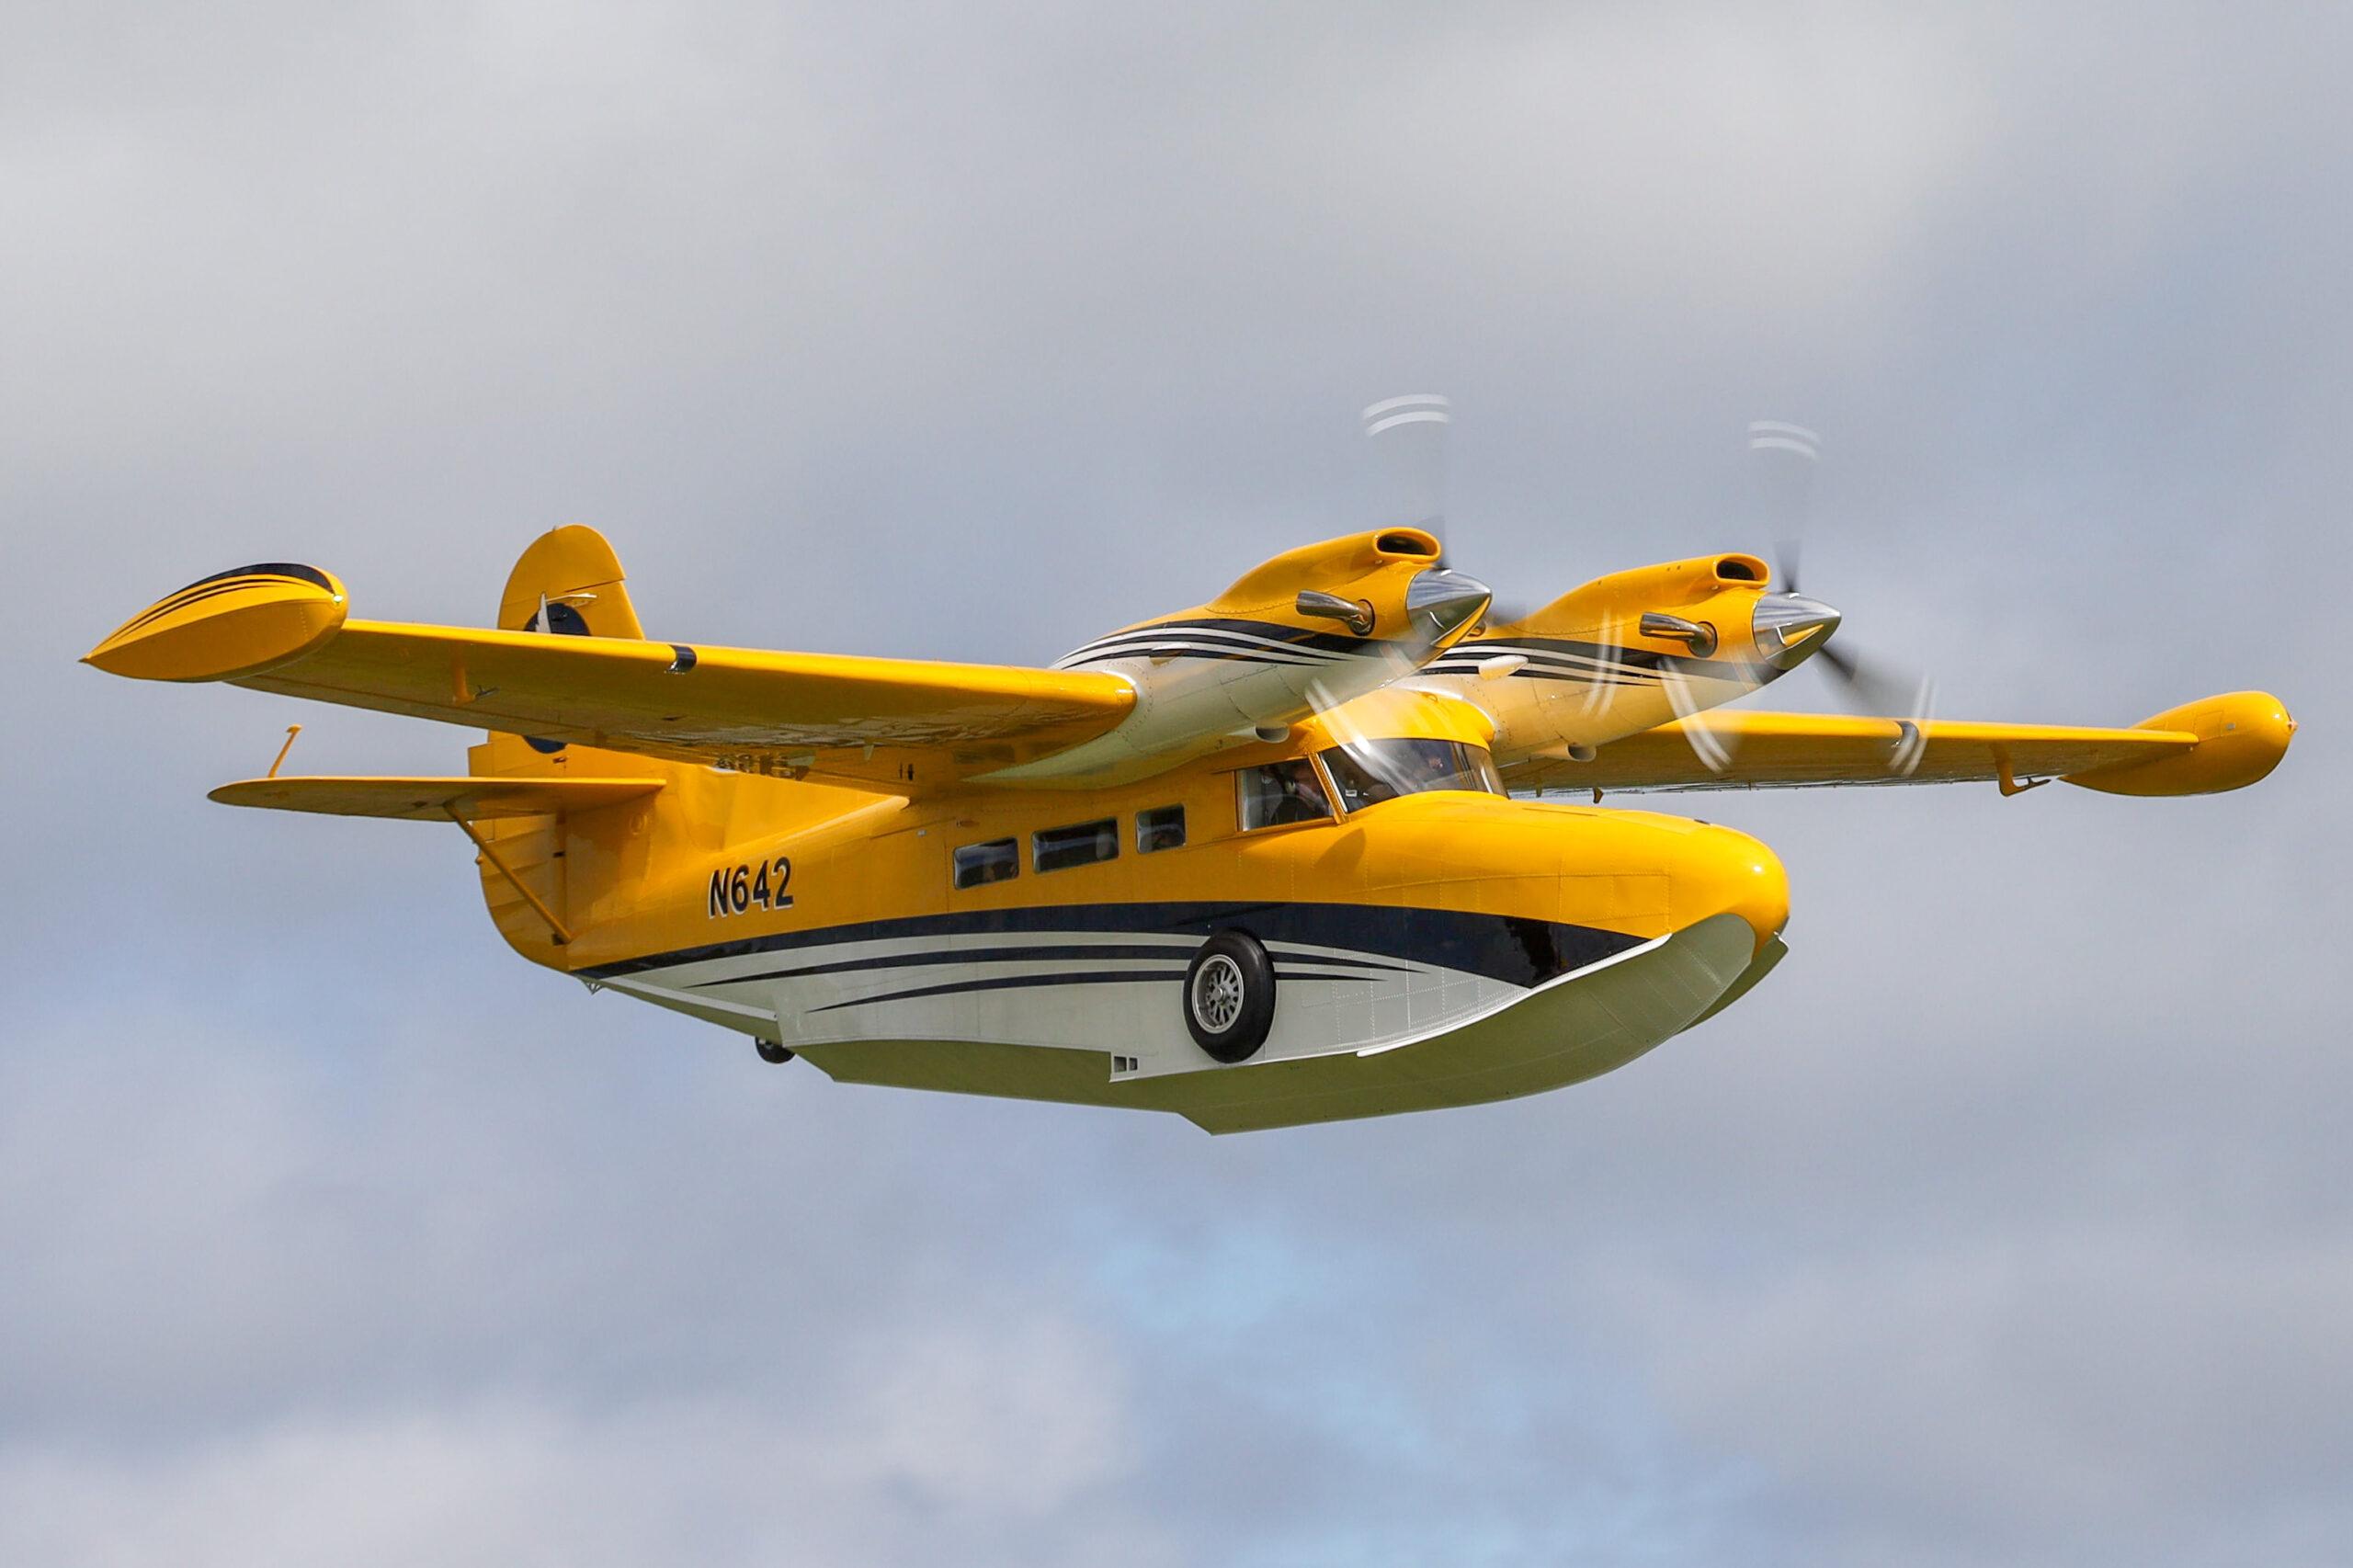 """Grumman UH-16 Albatross reg. N642 at airshow """"Allt sem flygur 2021"""" in Hella // Source: Jón Sverrir Sigurðarson"""